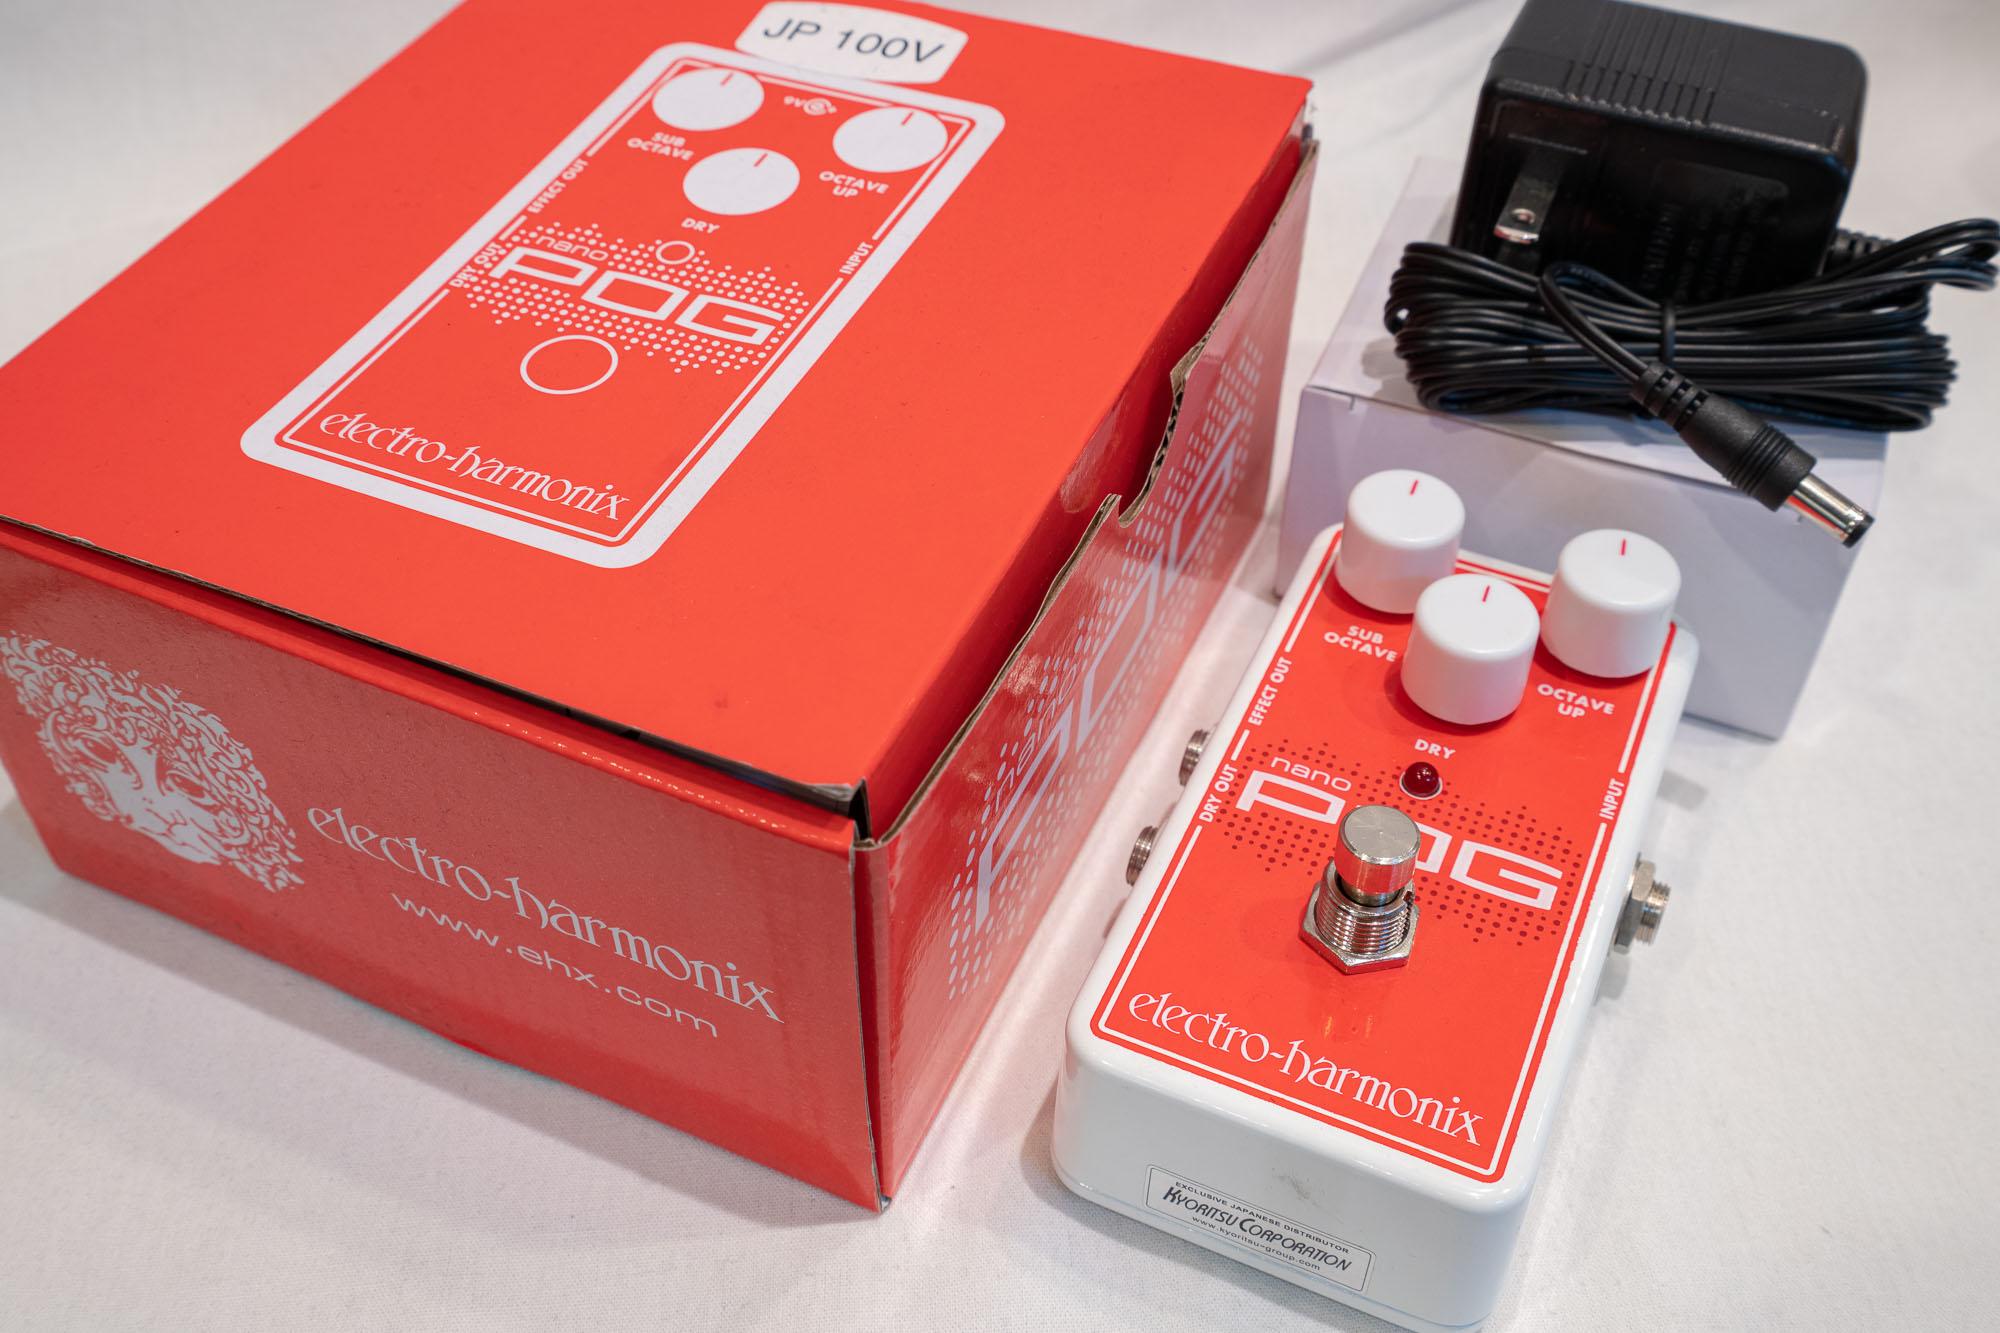 electro-harmonix-nanopog